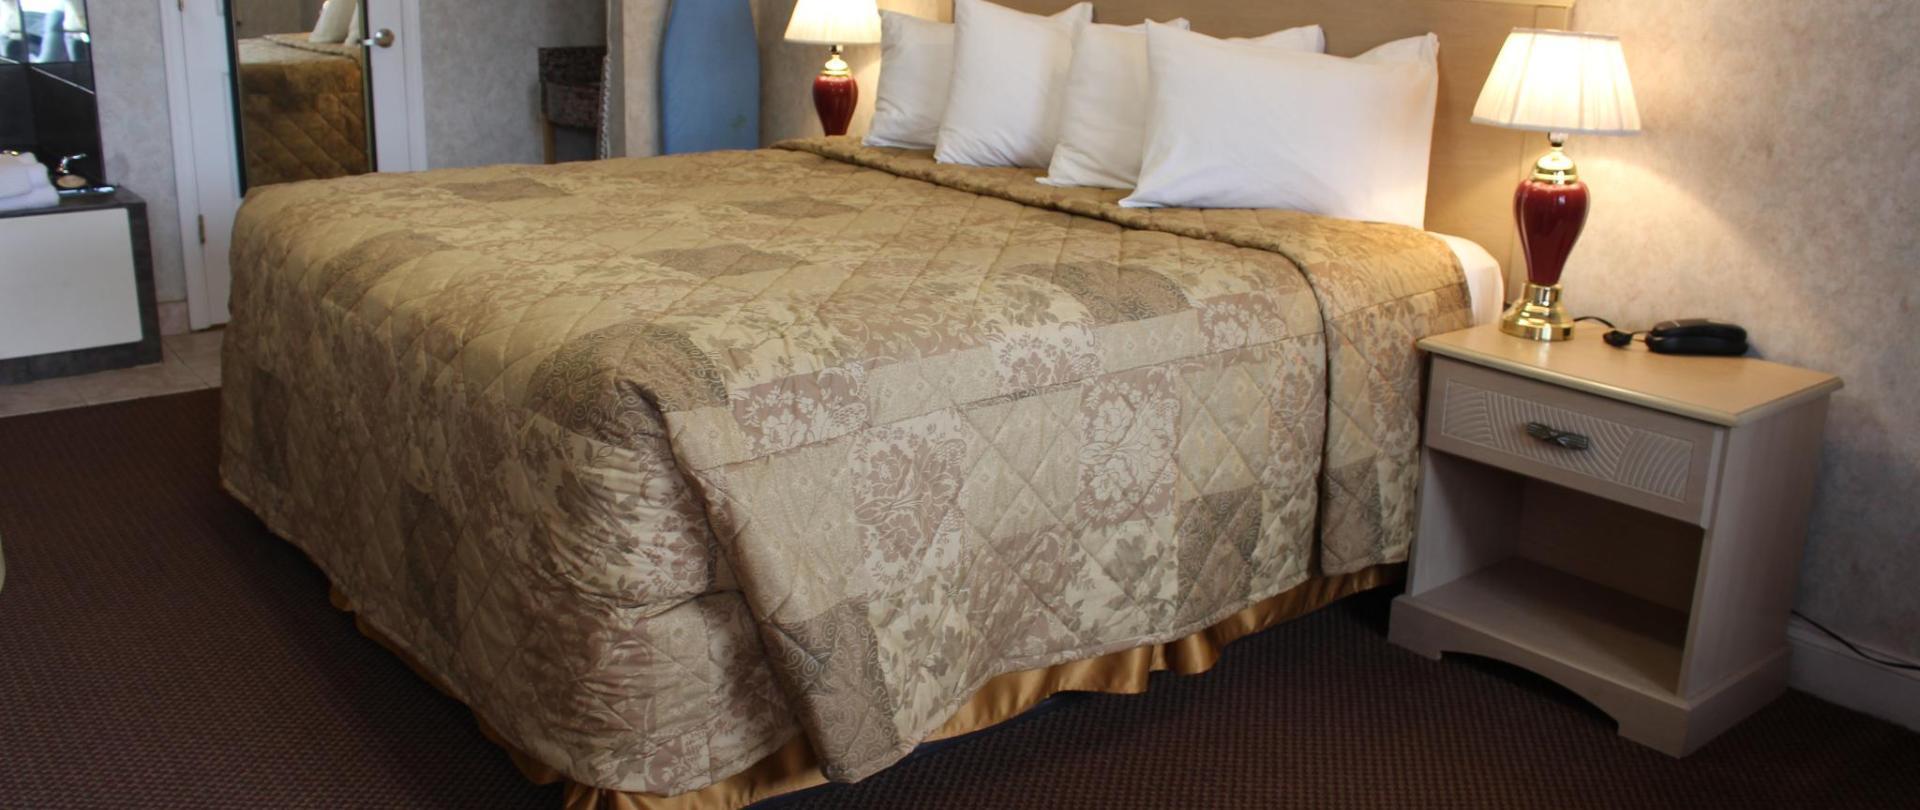 Deluxe King Bed 2.JPG